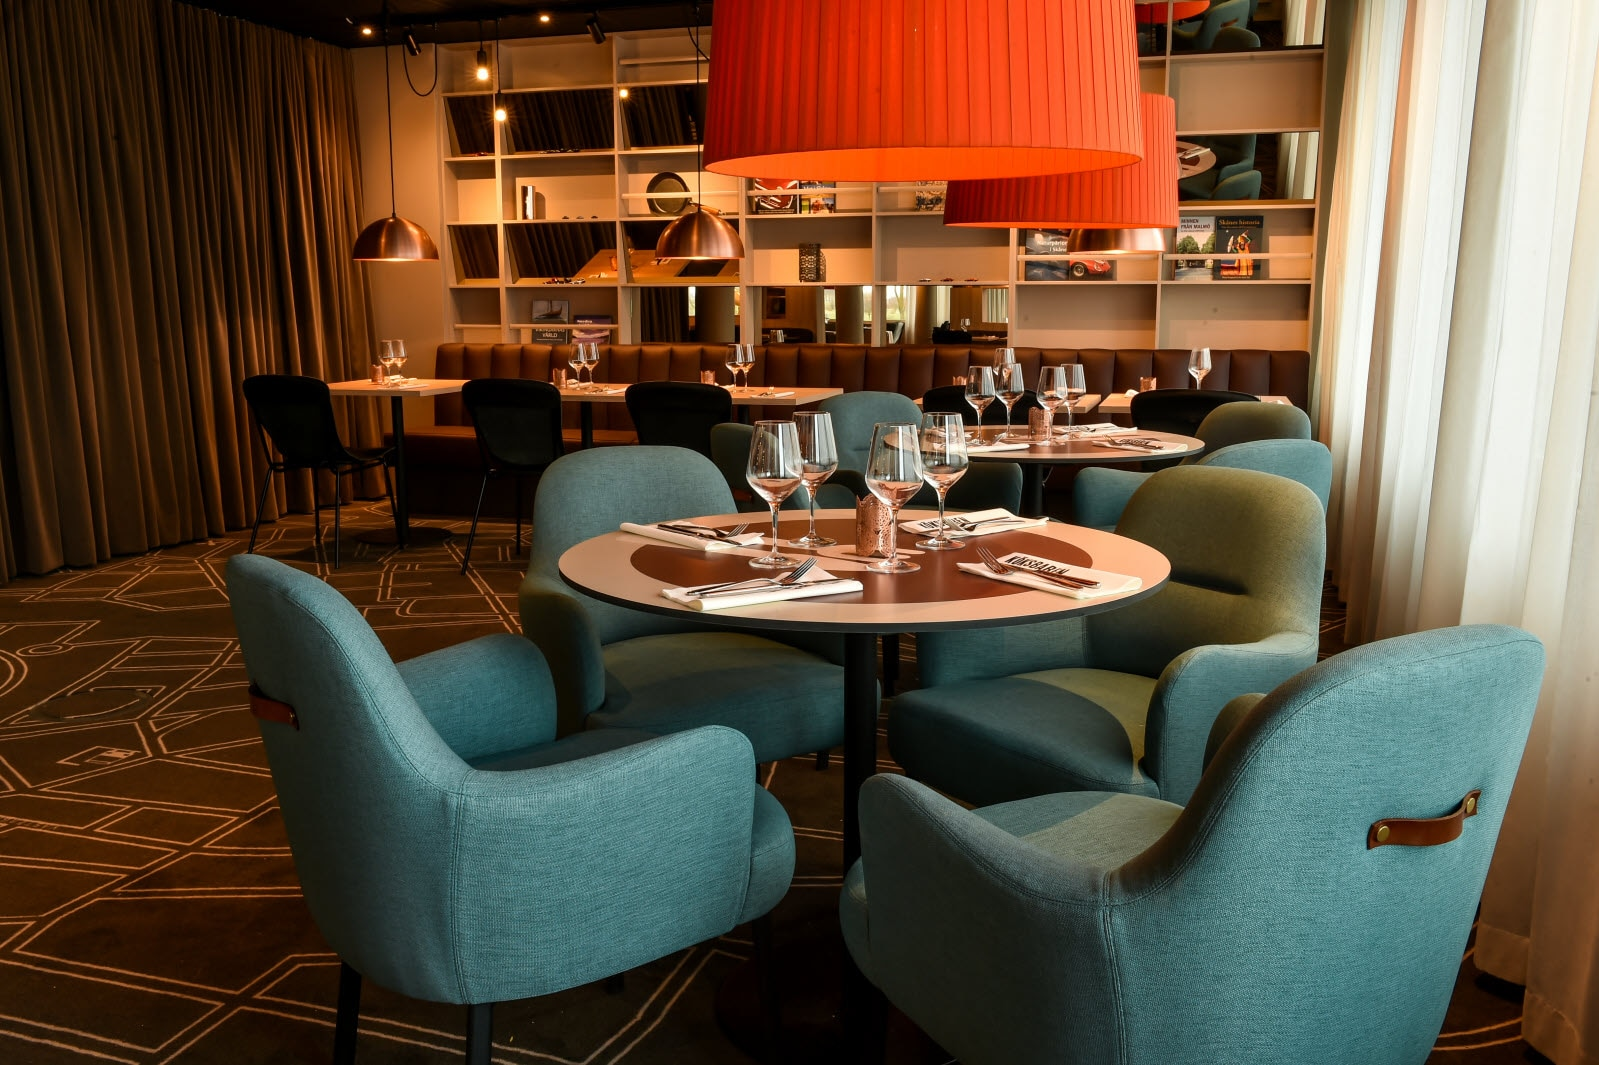 scandic segev ng hotel in malm scandic hotels. Black Bedroom Furniture Sets. Home Design Ideas